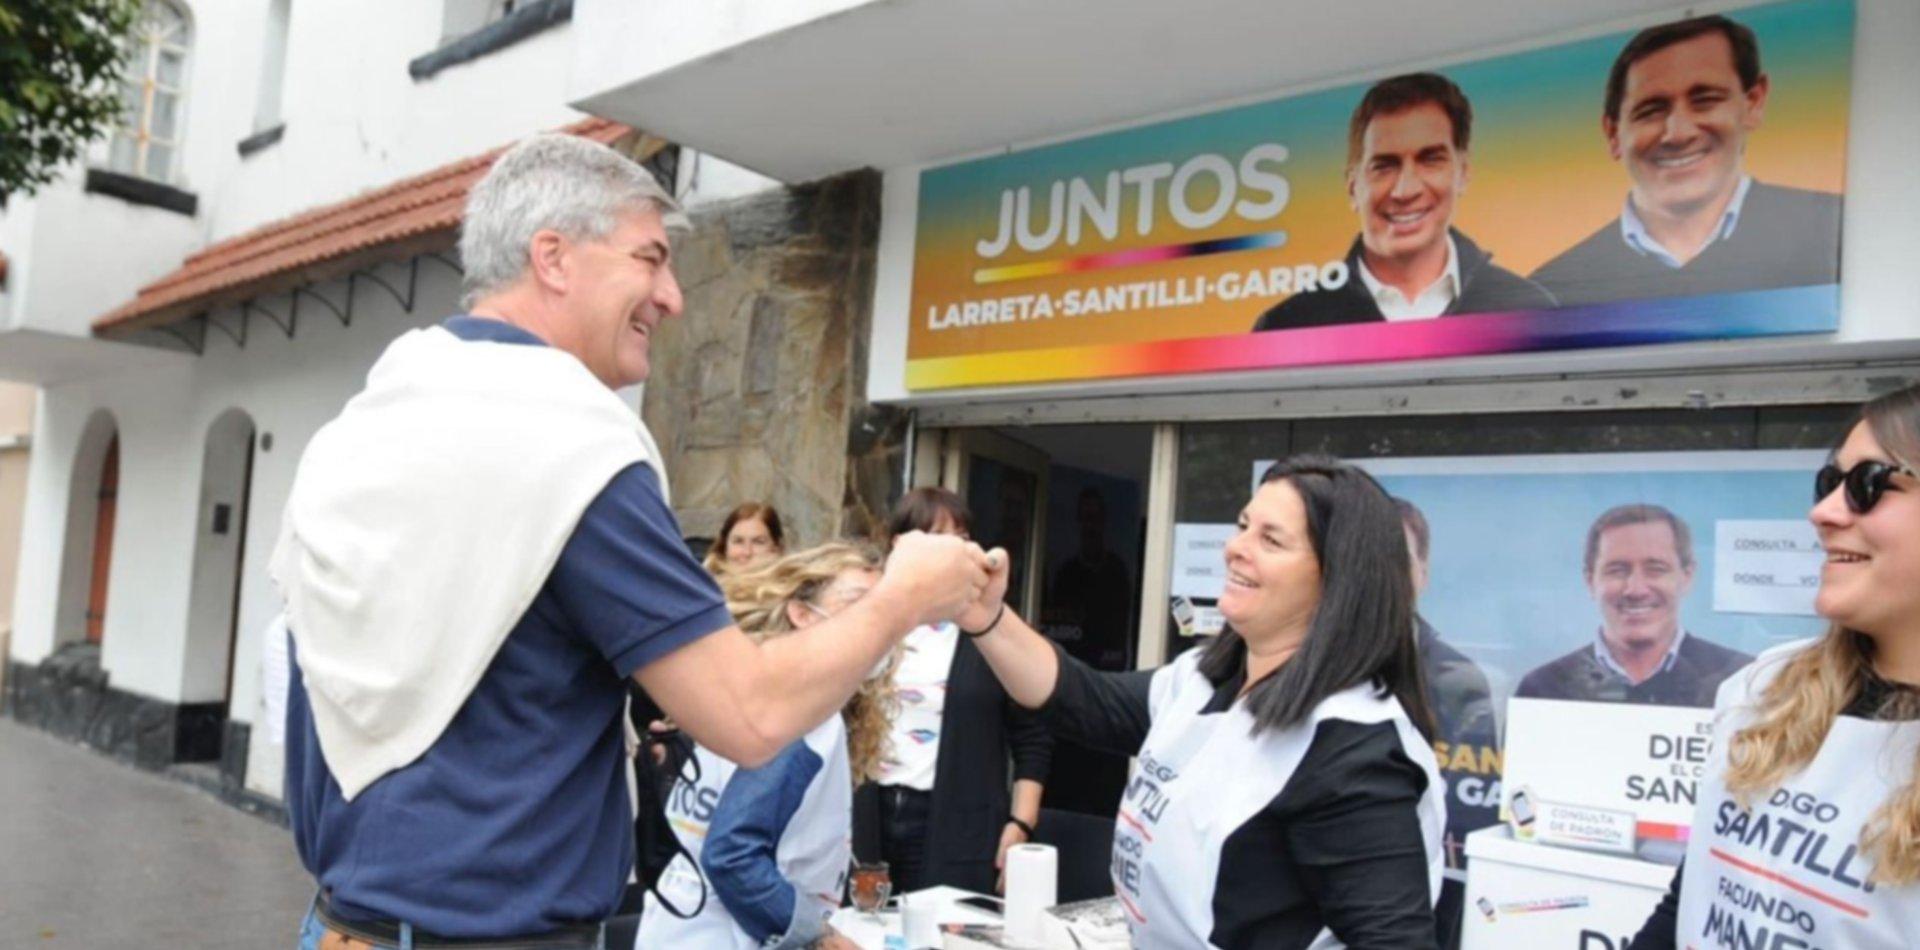 Con eje en la seguridad, los candidatos de Garro refuerzan la presencia en los barrios